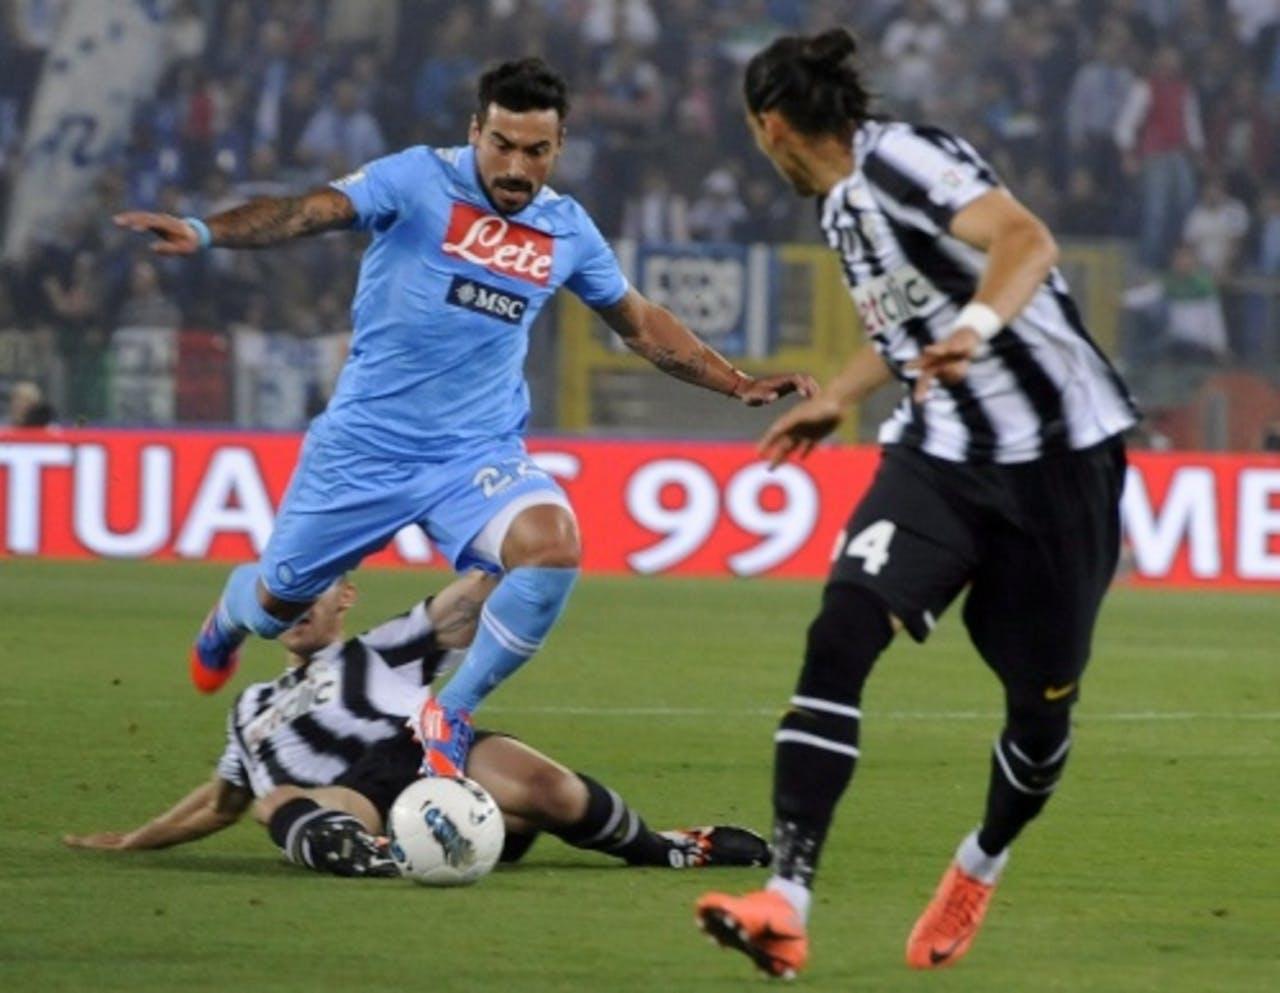 Ezequiel Lavezzi (C) van Napoli vecht om de bal met Leonardo Bonucci (L) en Martin Caceres (R) van Juventus. EPA